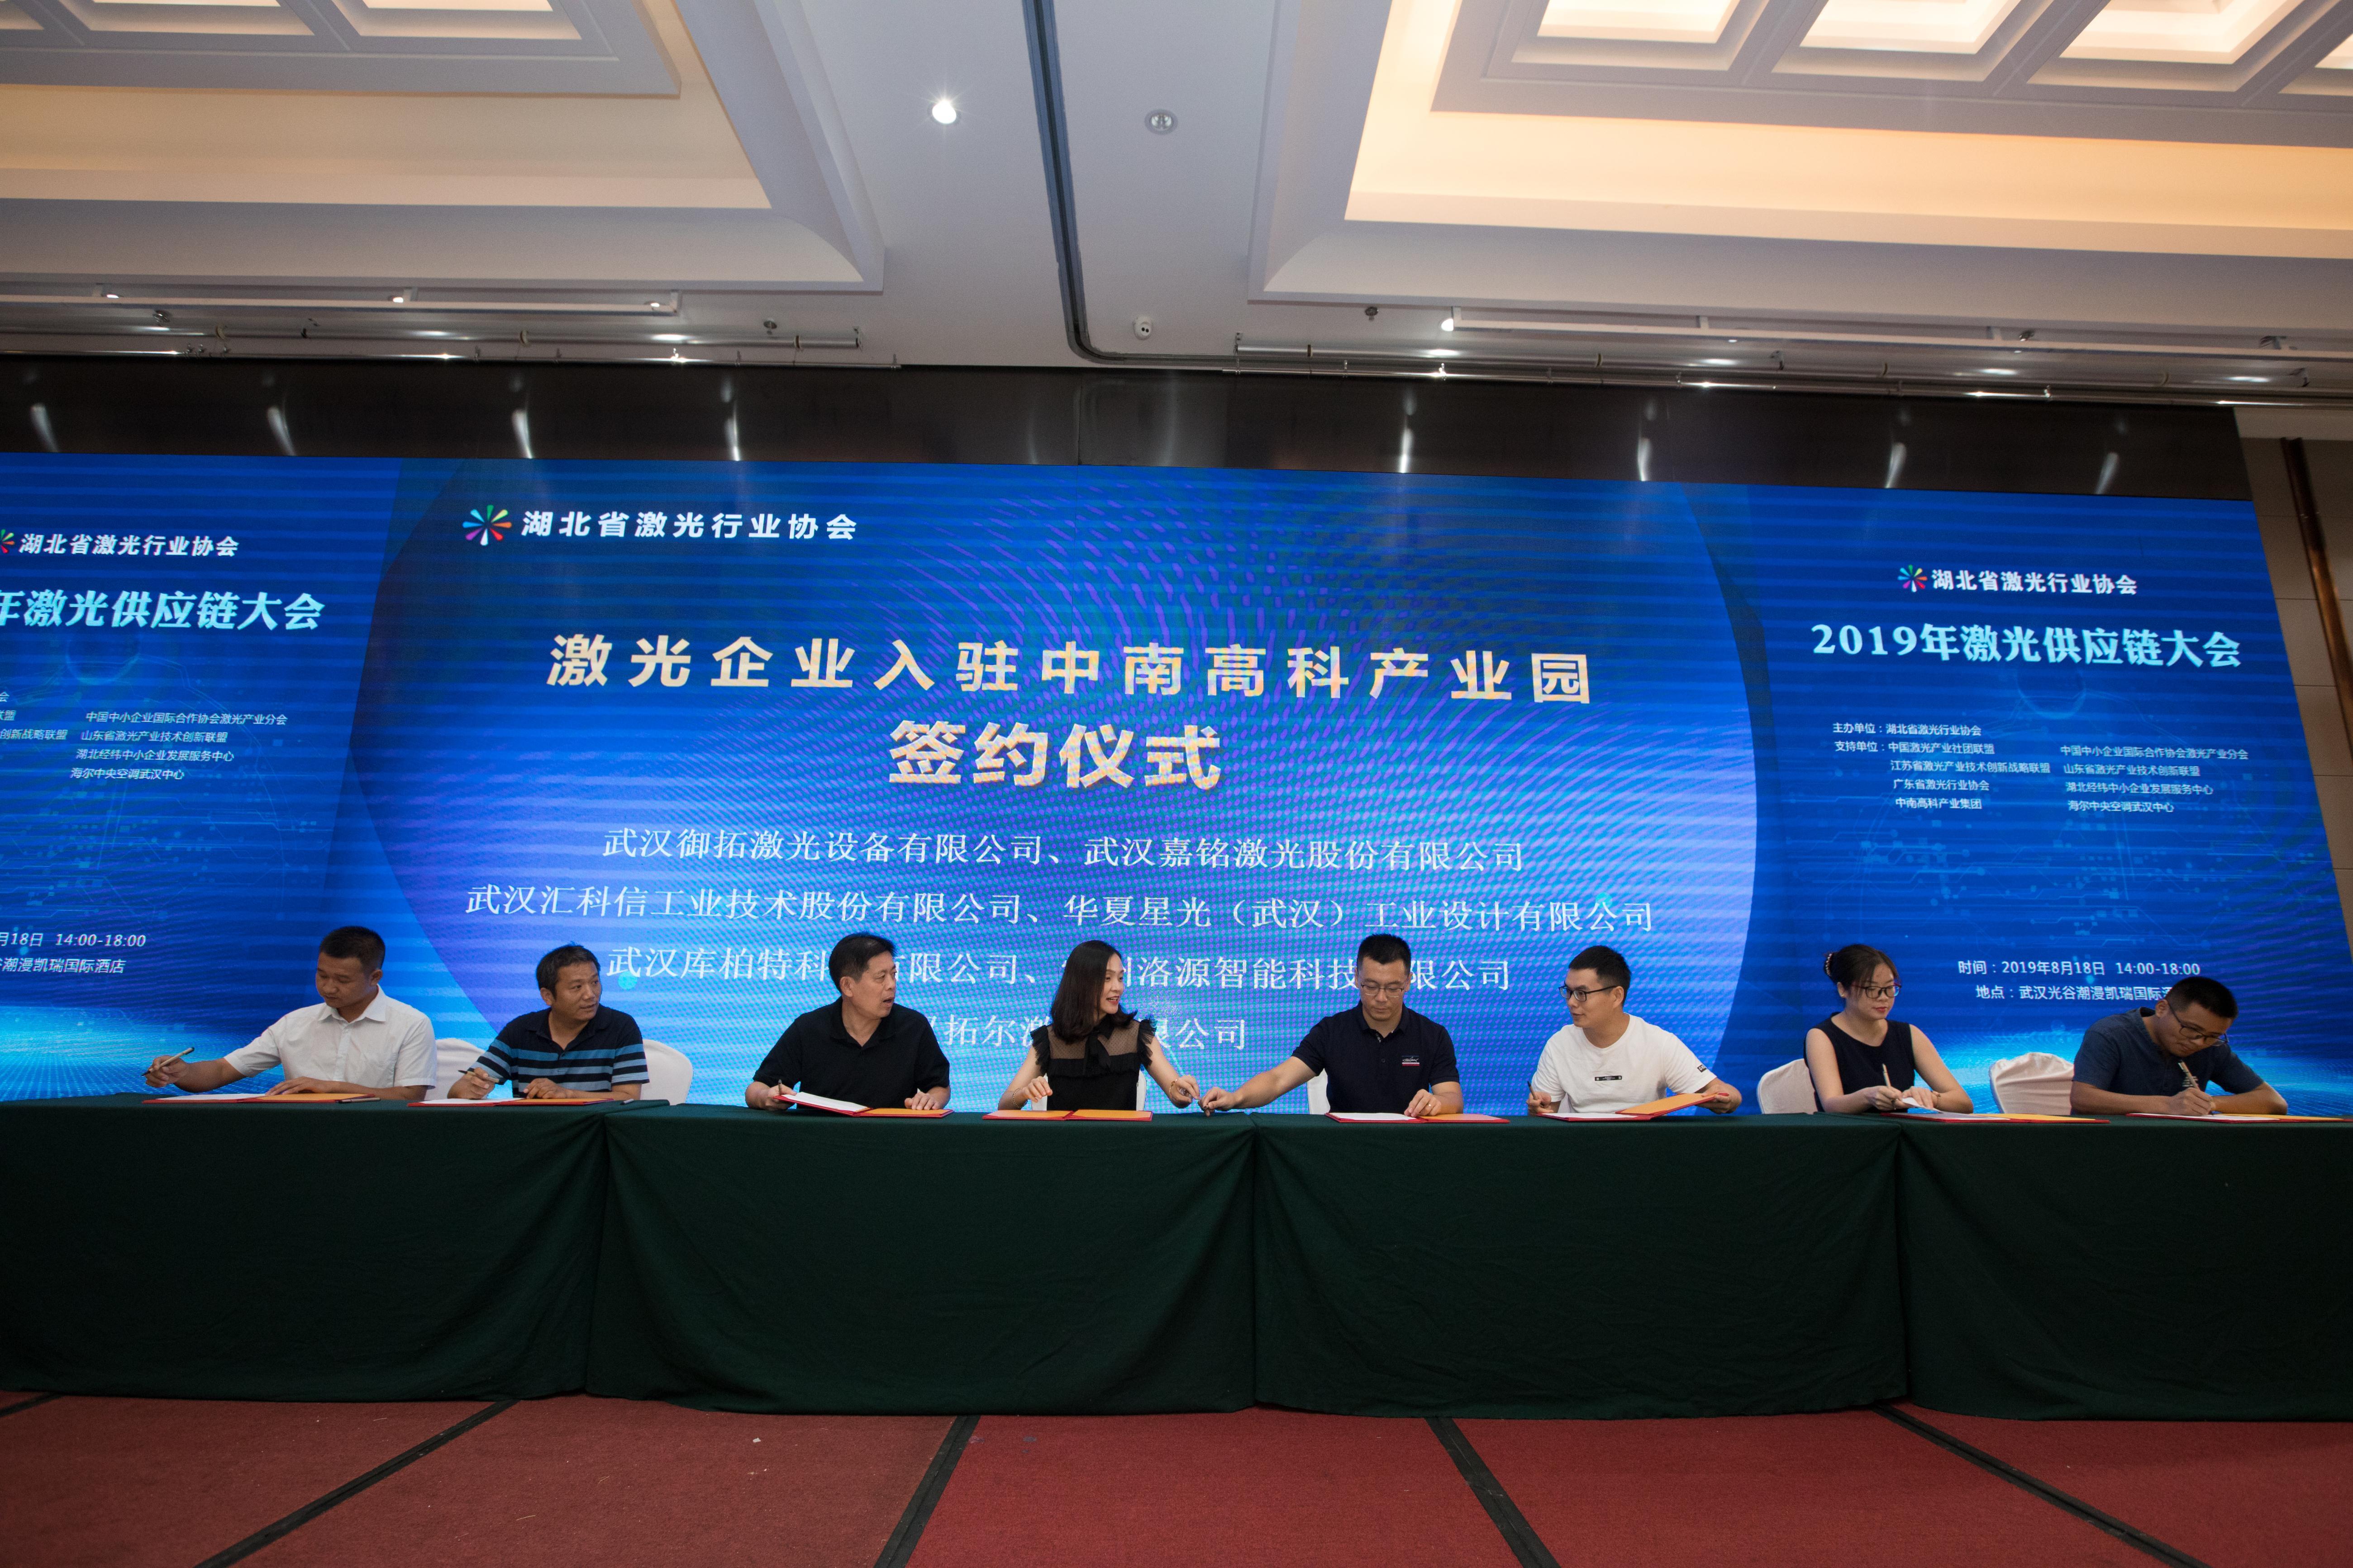 2019激光供应链大会新闻照片-中南高科